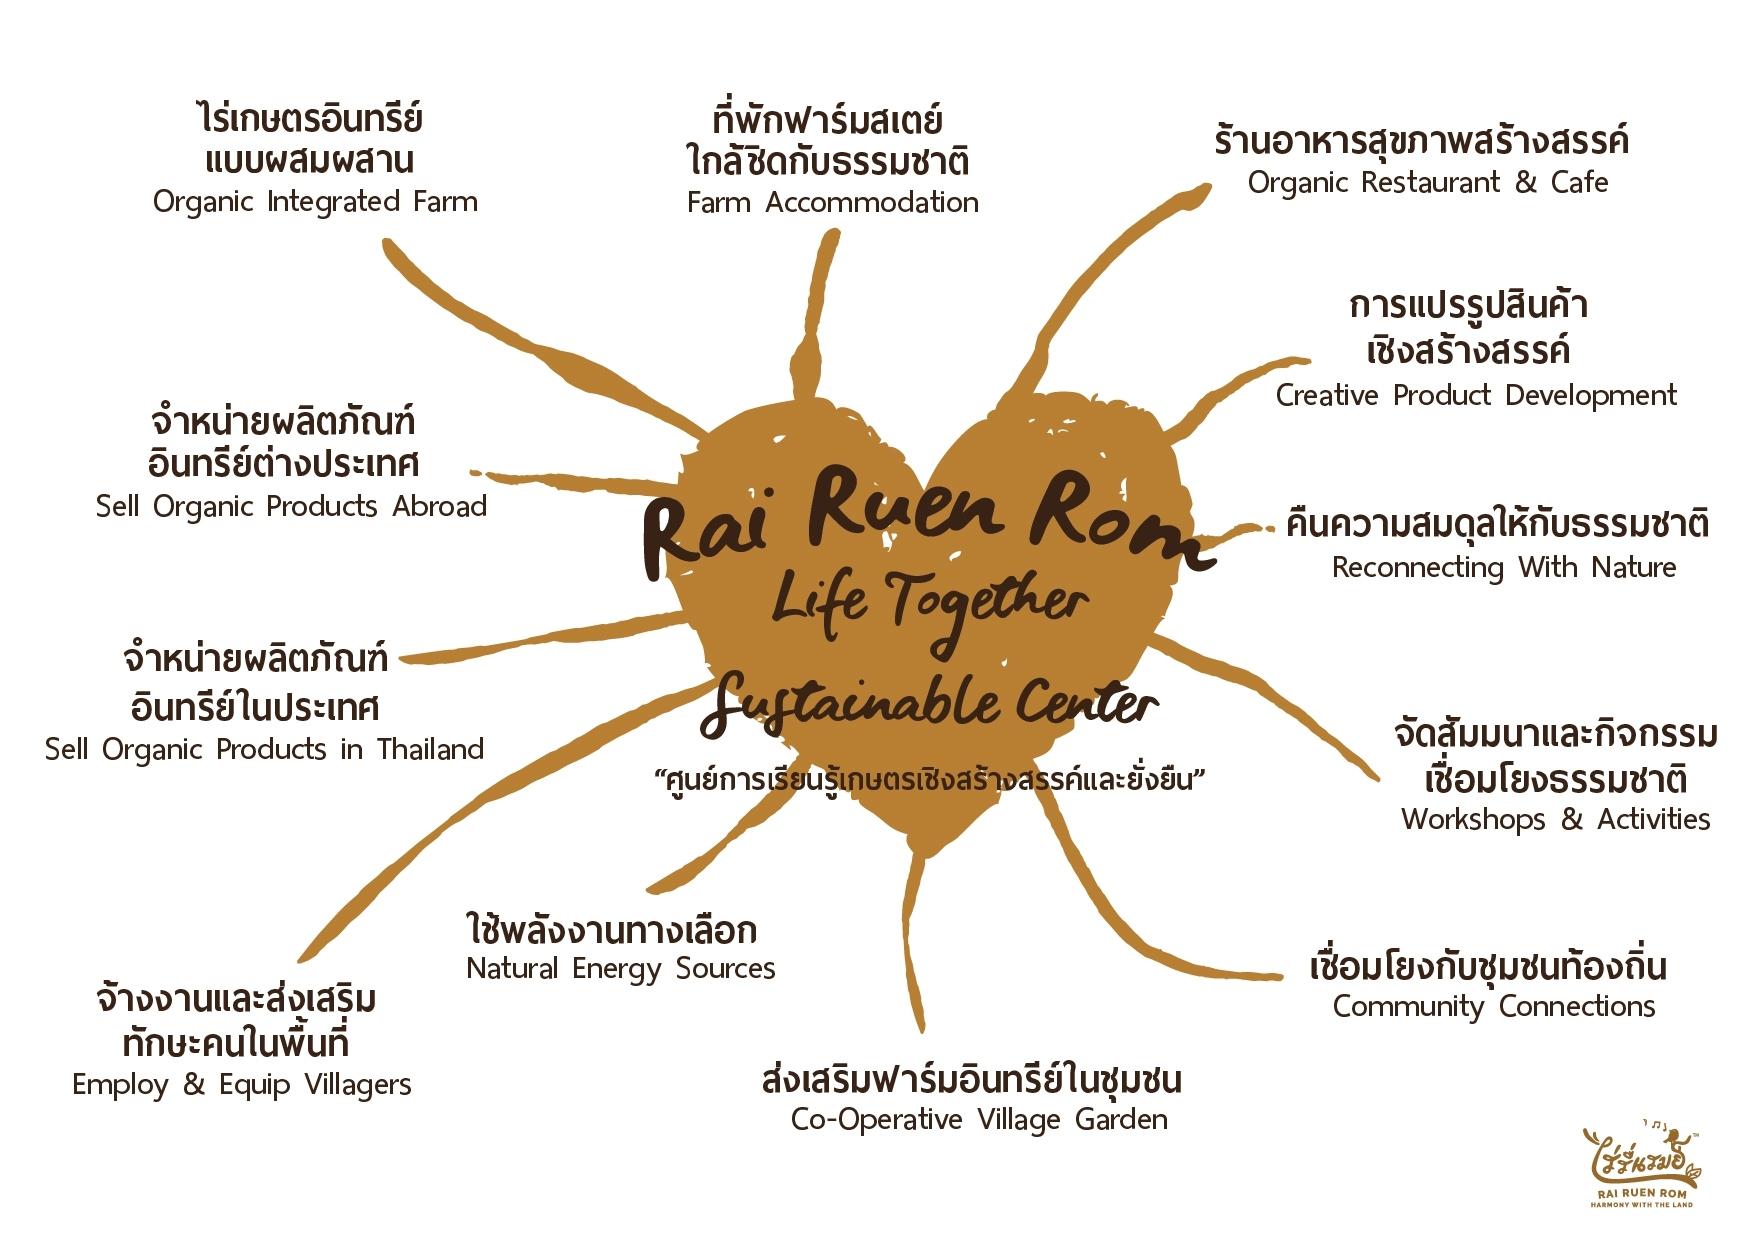 The Heart of Rai Ruen Rom -